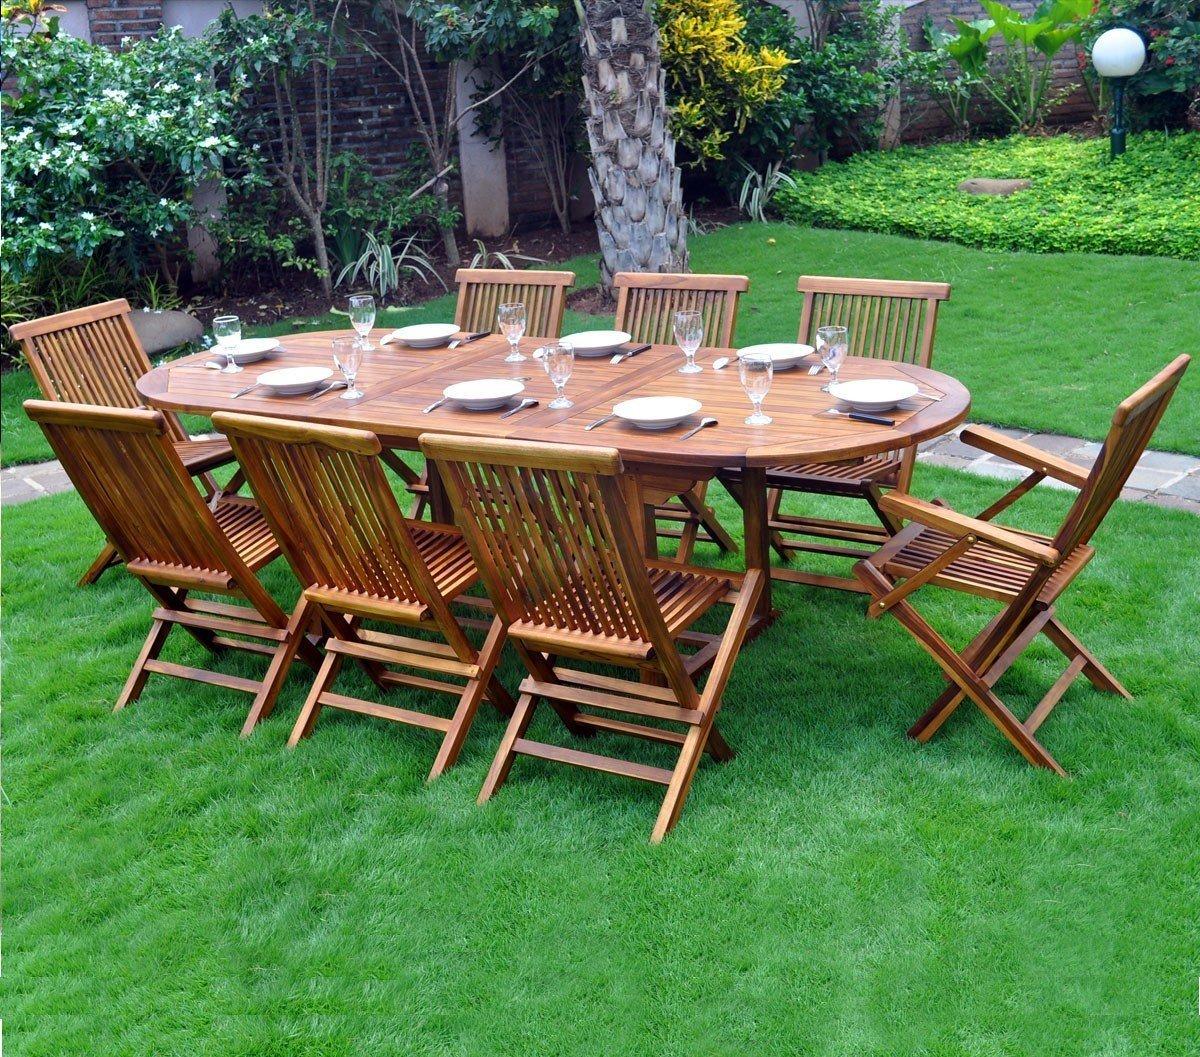 Mobilier de jardin : 3 matériaux indiqués | Compagnie21